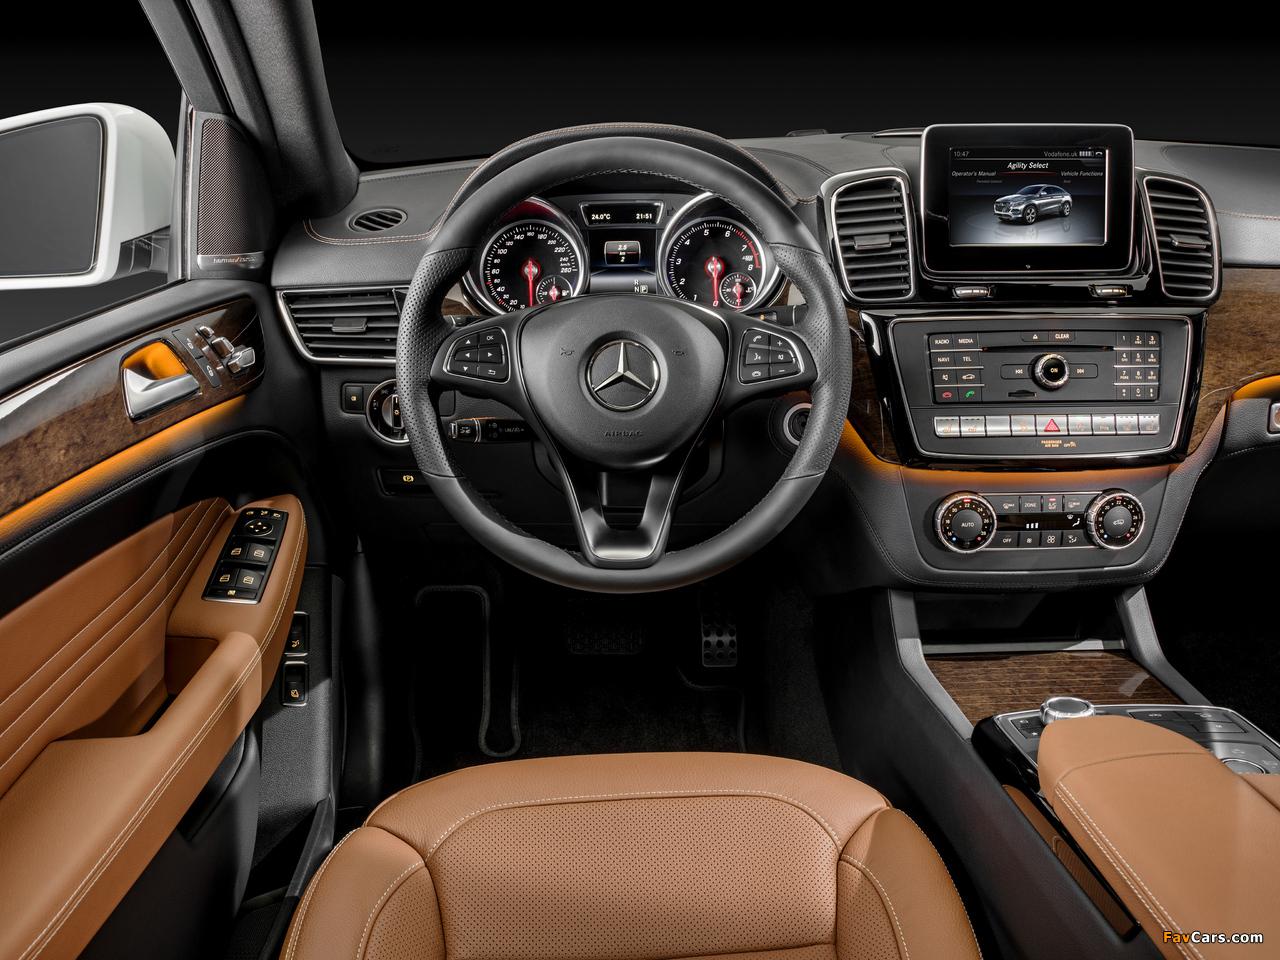 Mercedes-Benz GLE 400 4MATIC Coupé (C292) 2015 images (1280 x 960)